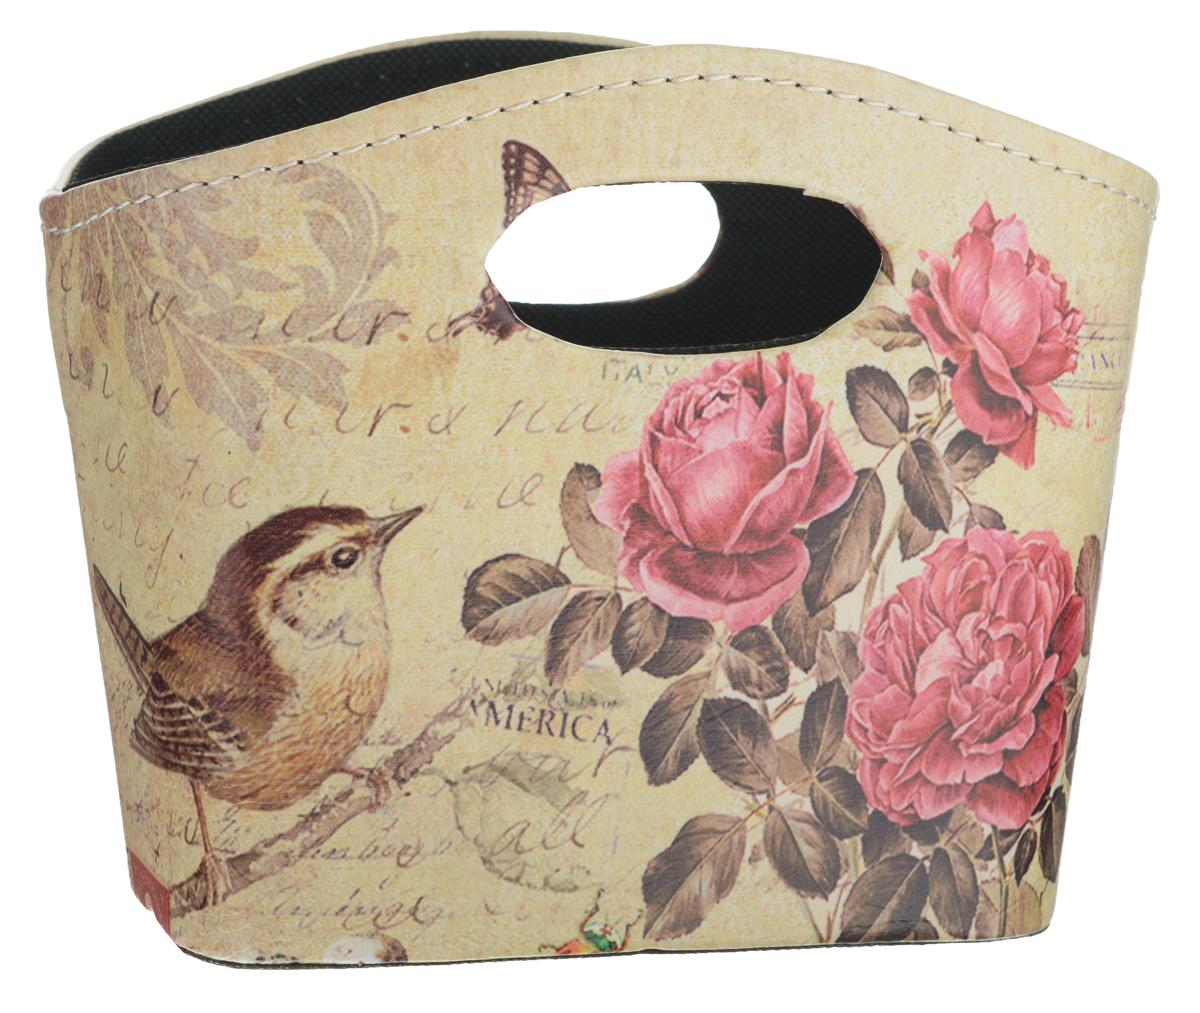 Сумка для хранения El Casa Птичка с розами, 20 х 11 х 16 см171174Интерьерная сумка El Casa Птичка с розами, выполненная из МДФ и текстиля, понравится всем ценителям оригинальных вещей. Благодаря прекрасному дизайну и необычной форме, такая сумка будет отлично смотреться в вашей гостиной или коридоре. В ней можно хранить всевозможные мелочи: расчески, заколки, журналы или газеты. Сумка El Casa Птичка с розами станет отличным подарком для ваших друзей и близких.